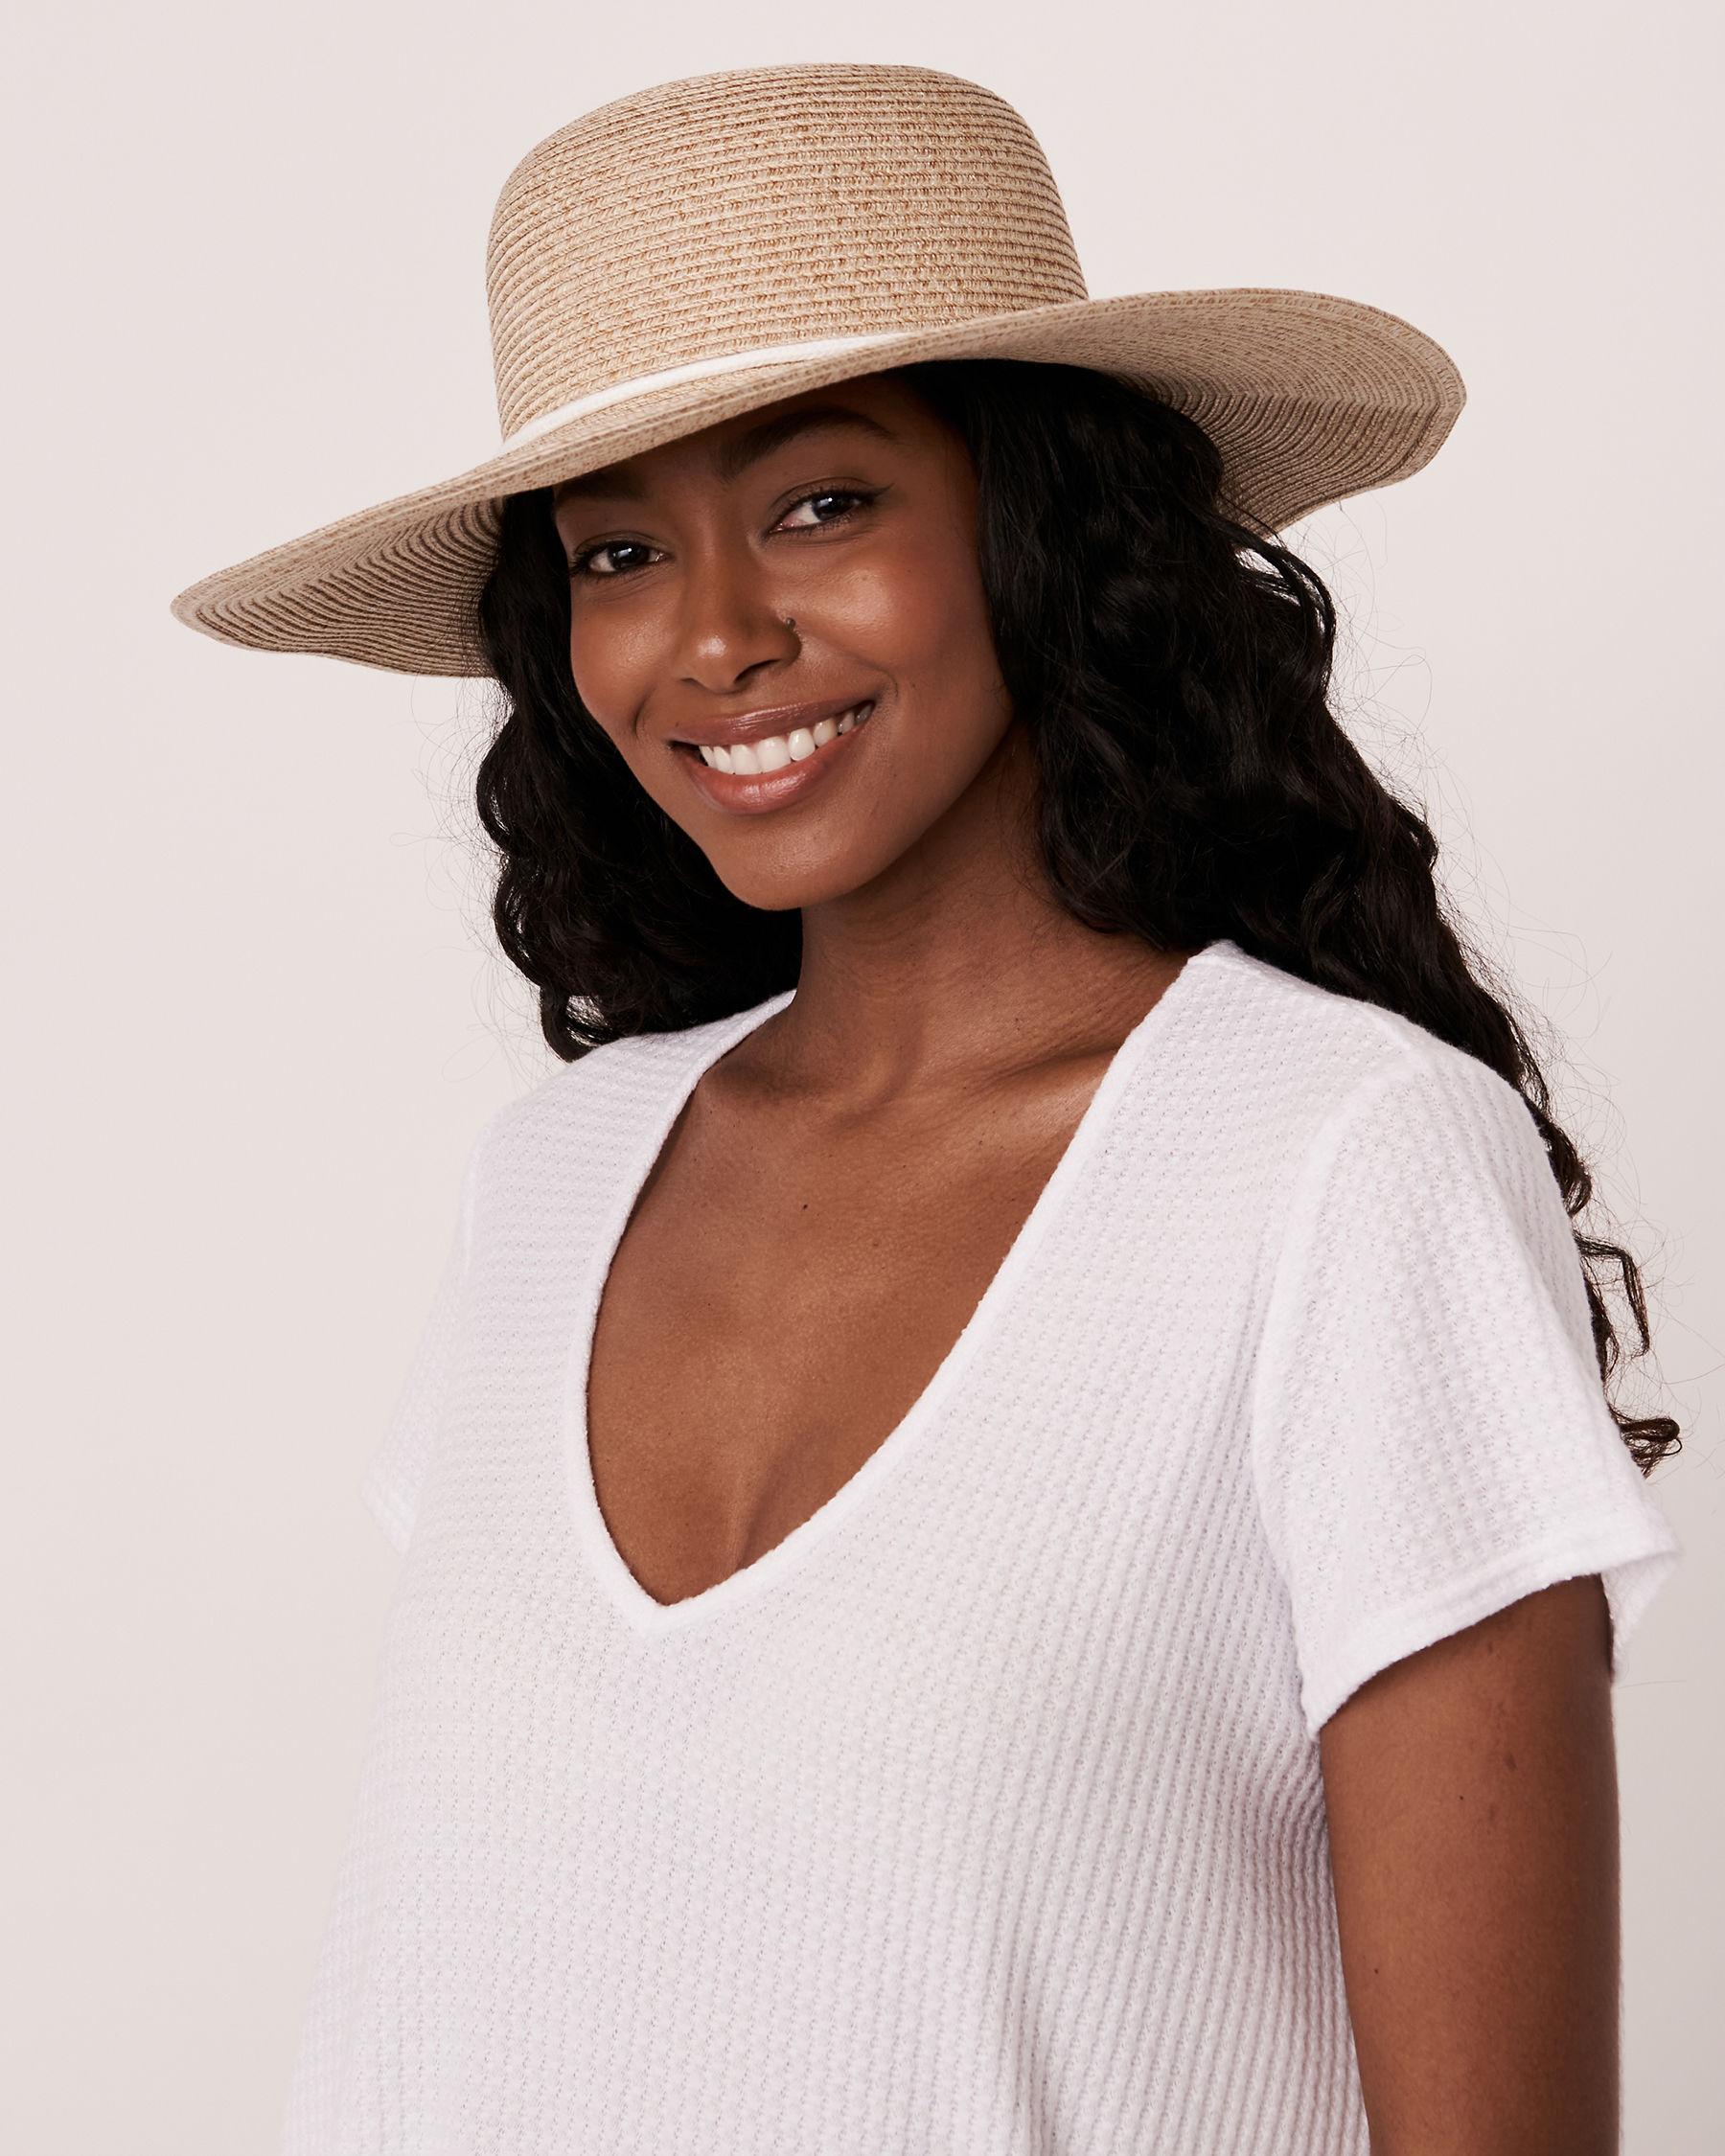 LA VIE EN ROSE AQUA Hat with String Neutral 80500029 - View1